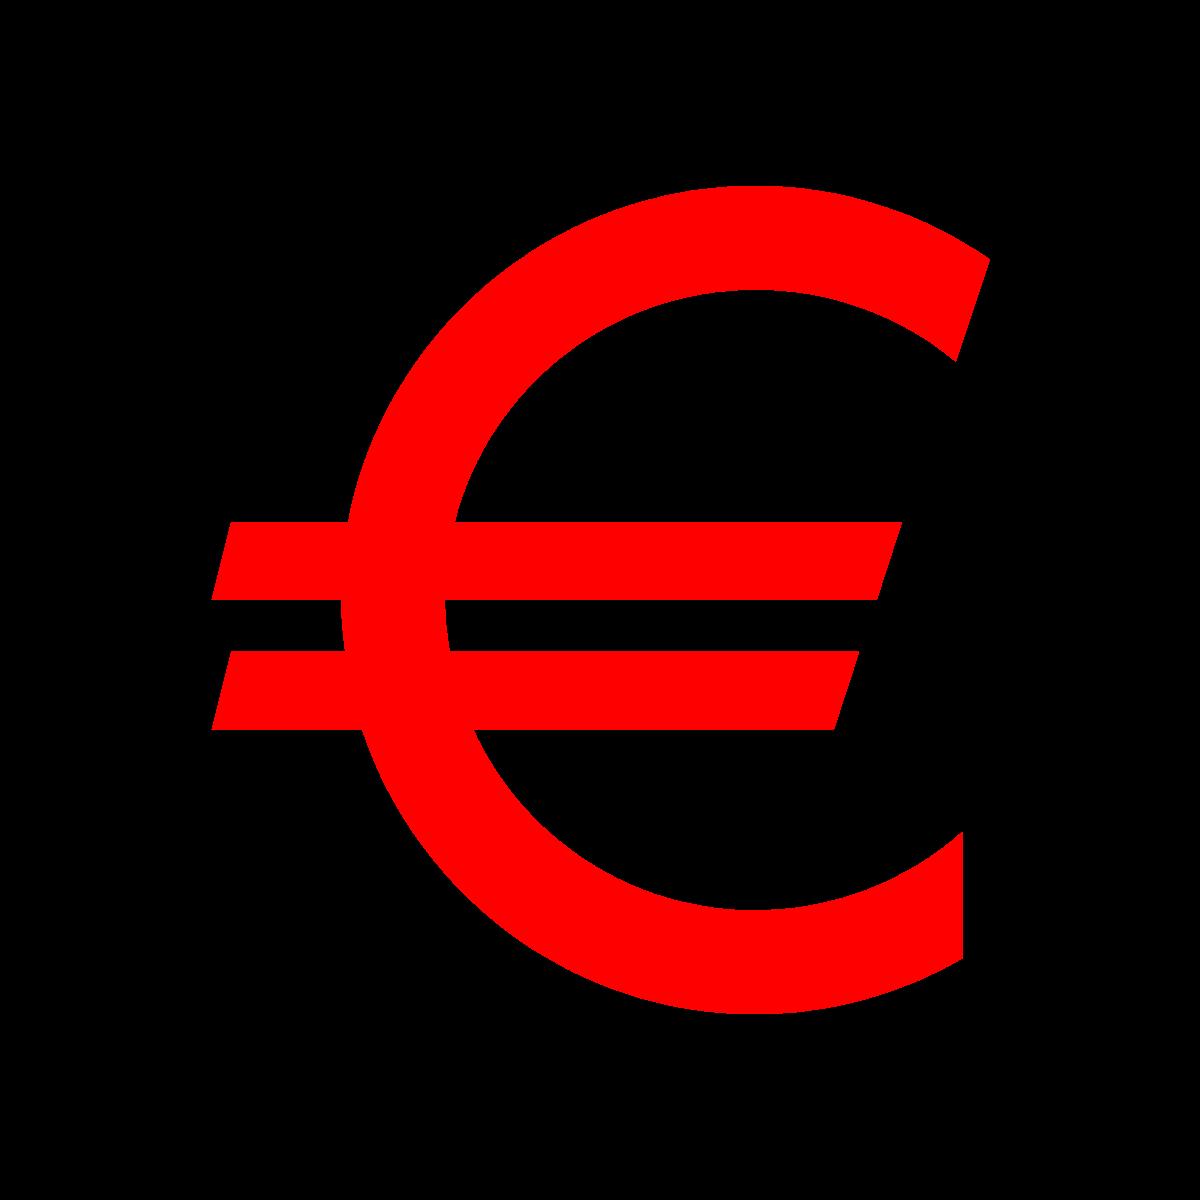 noun_Euro_45781